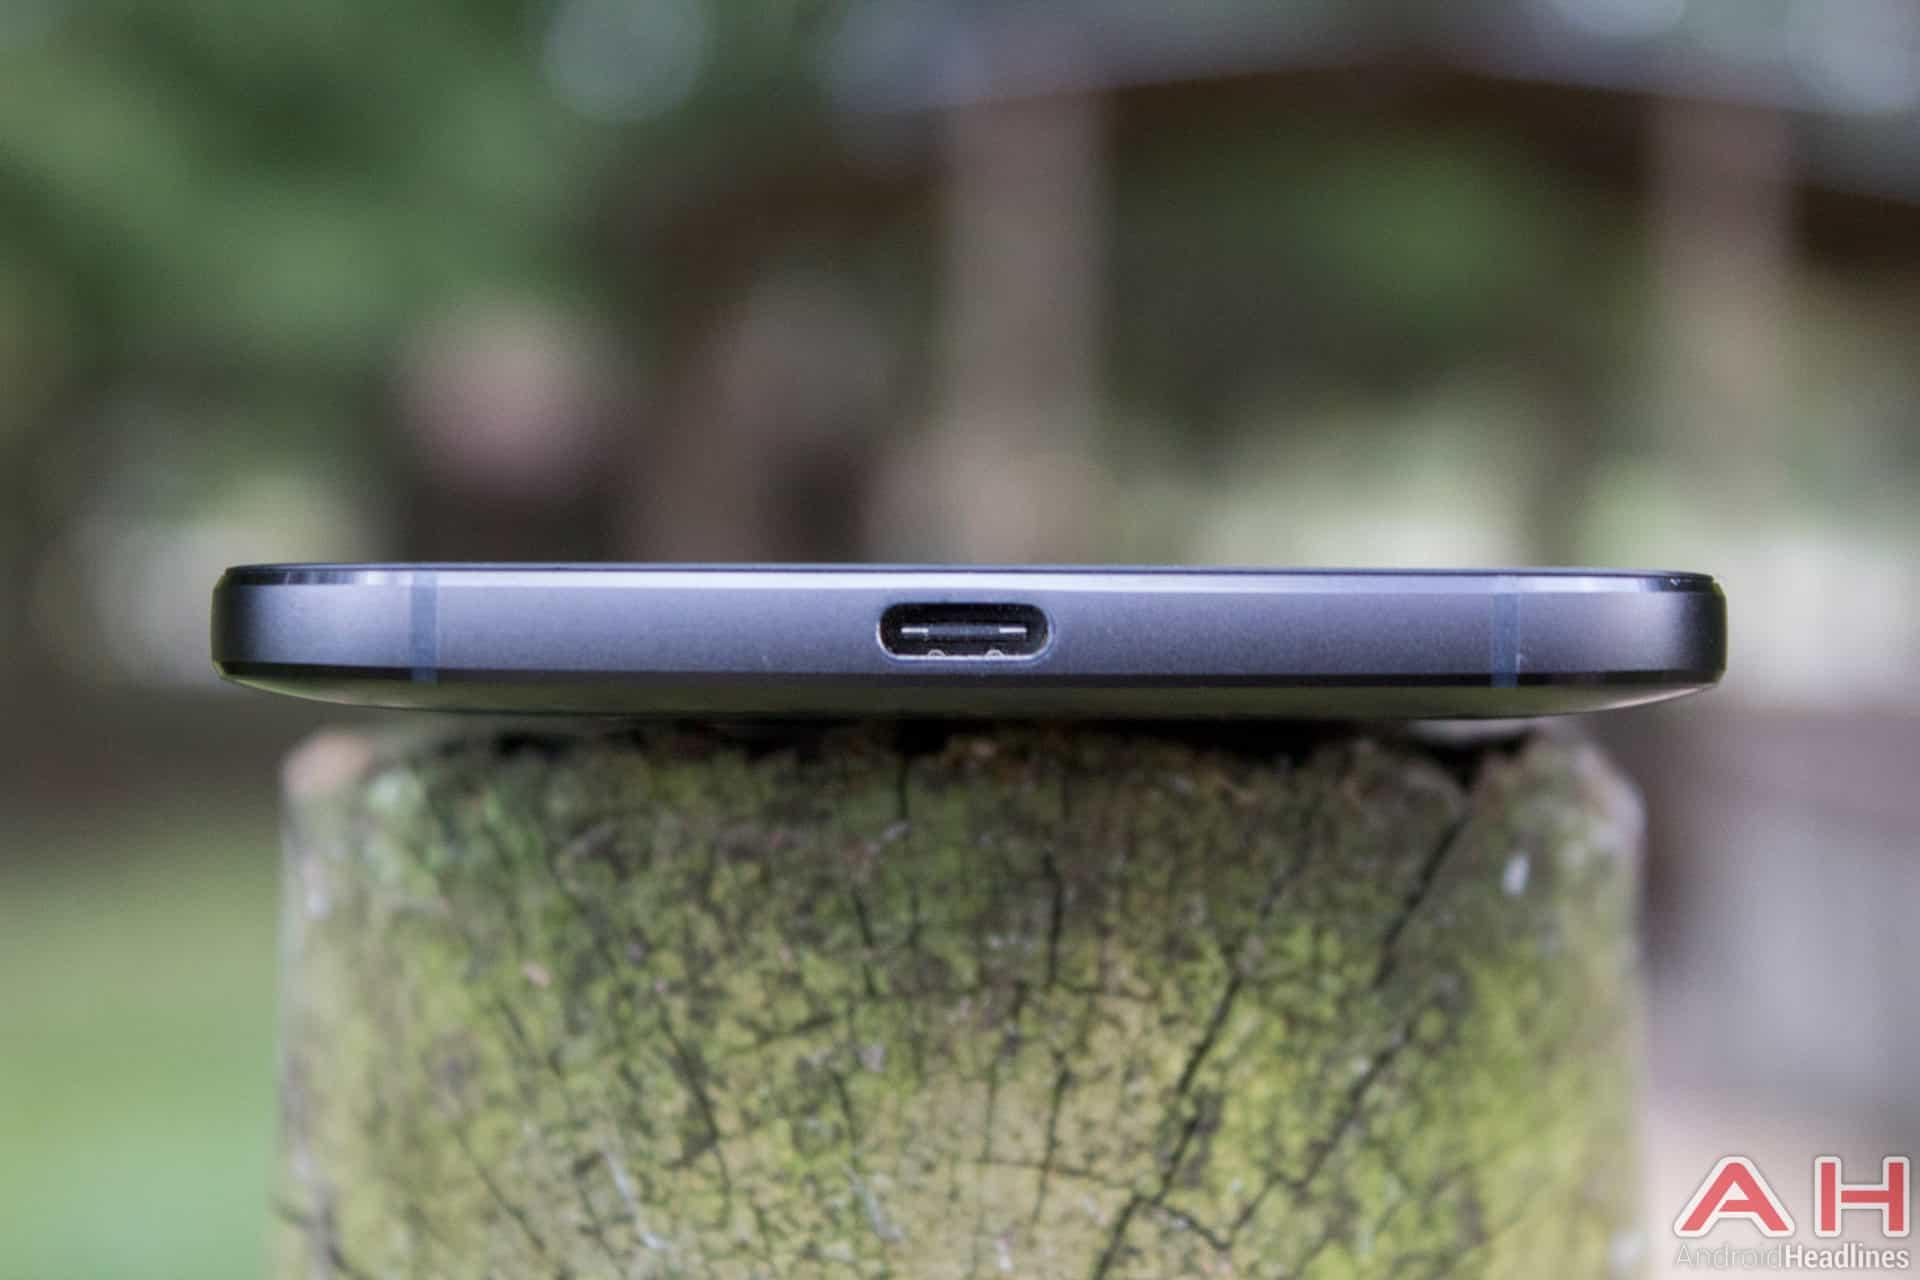 Nexus 6p AH 11